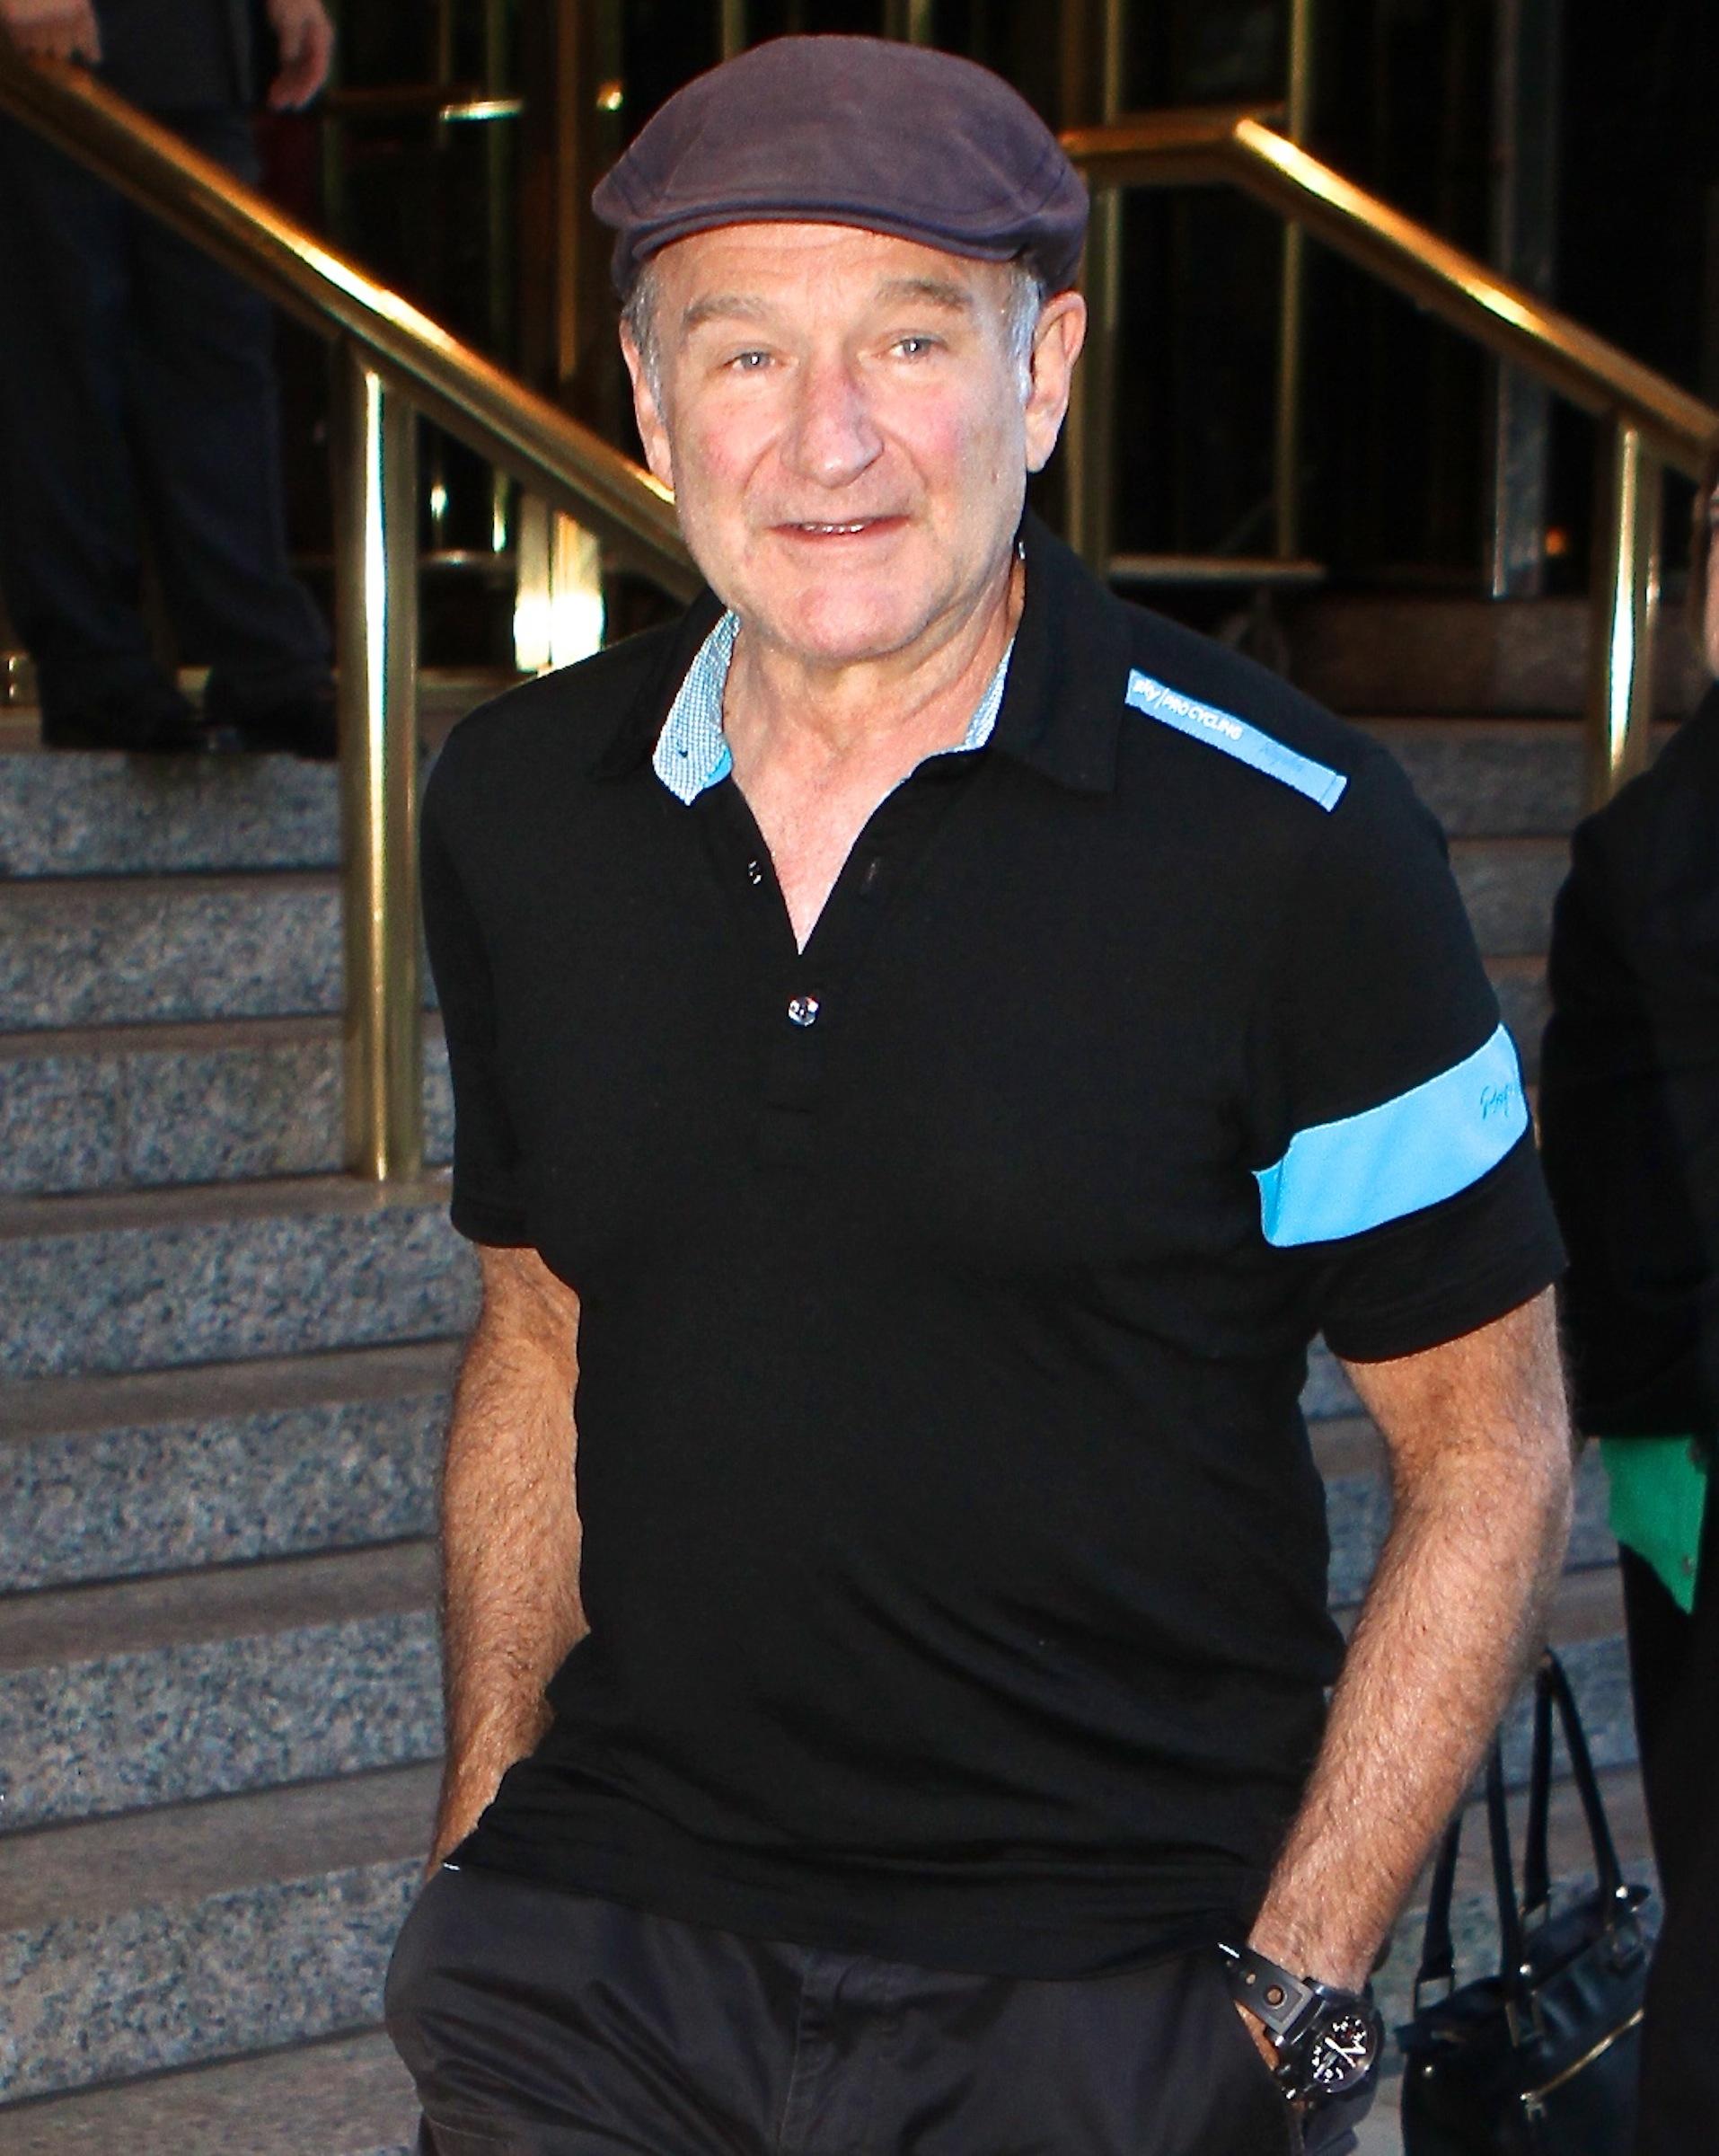 Θρήνος για το παγκόσμιο σινεμά- Βρέθηκε νεκρός ο Robin Williams